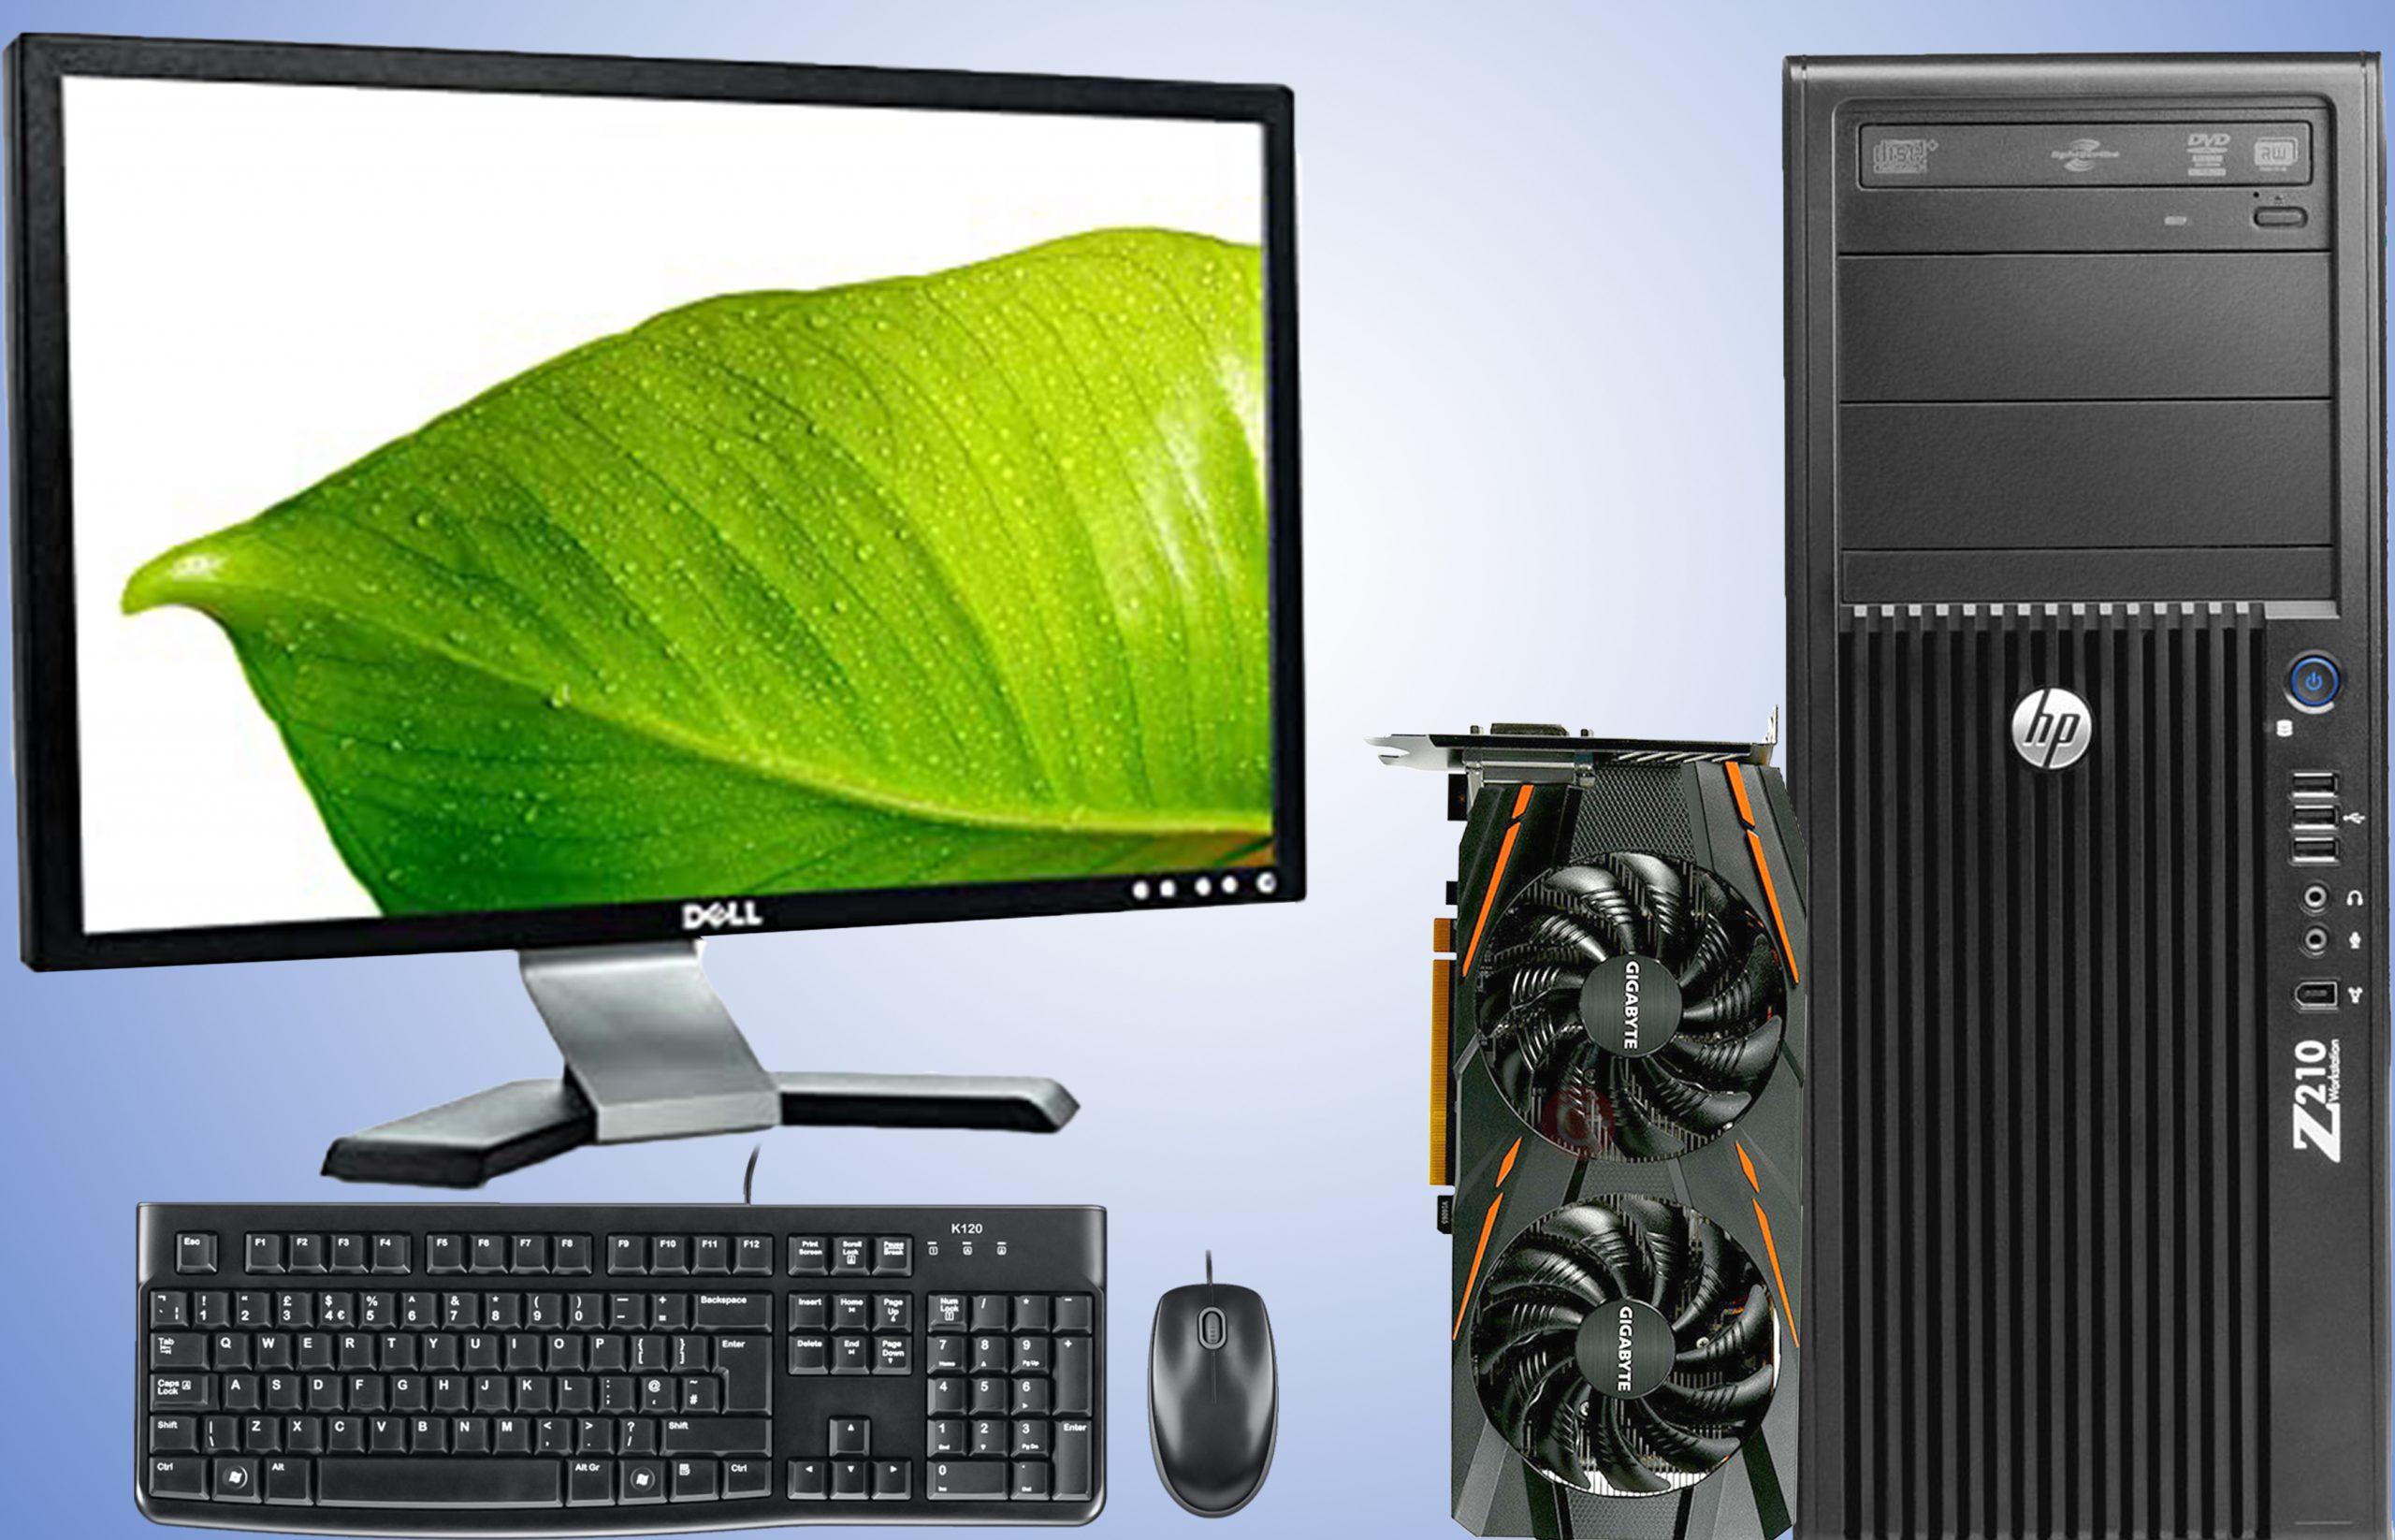 أرخص تجميعة كمبيوتر مستعملة بكارت RX 470 تشغل أعلى الألعاب على High